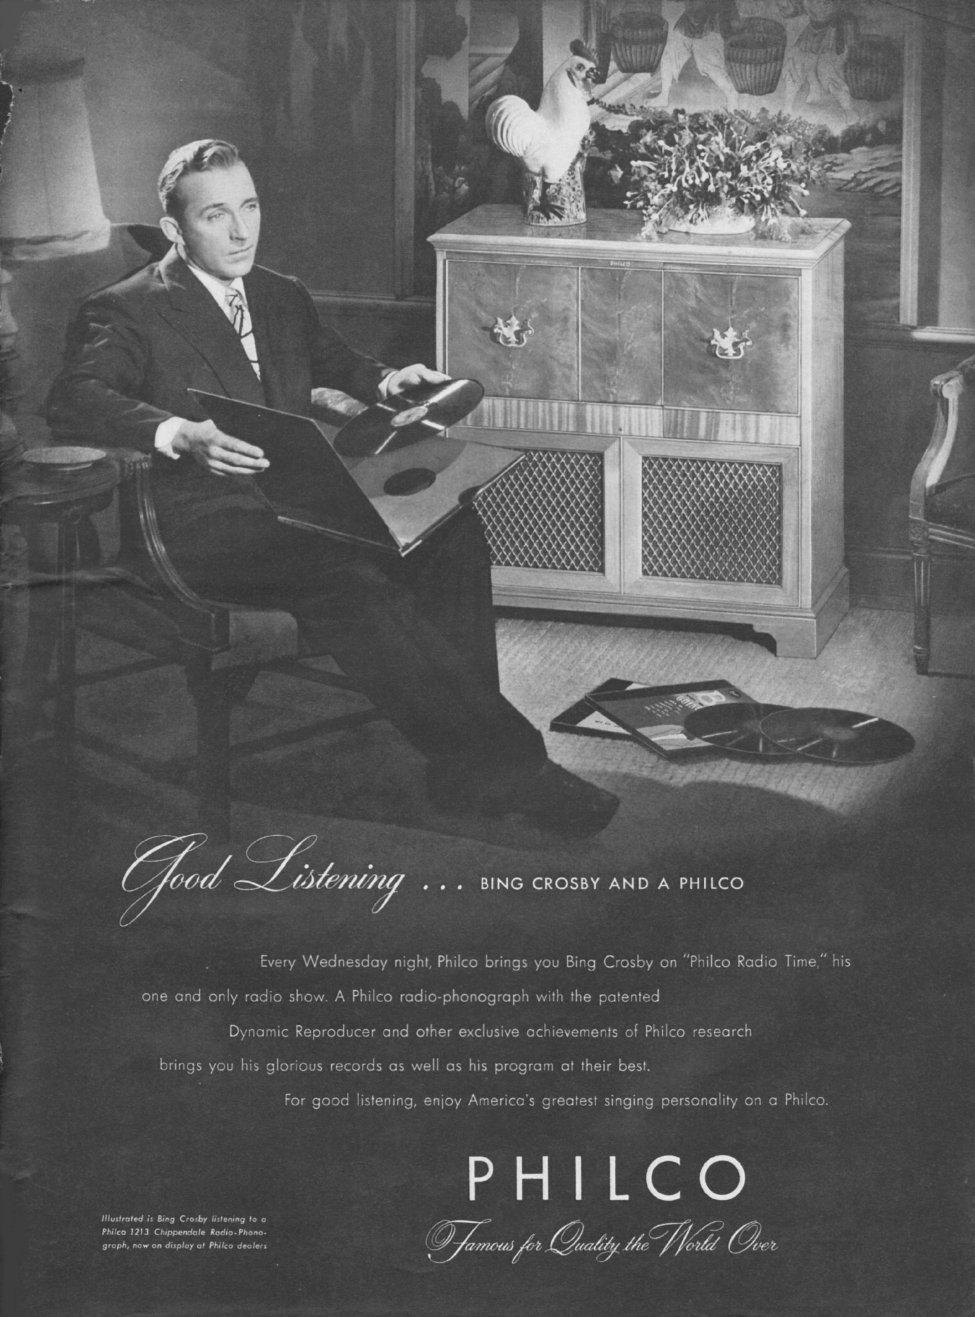 PHILCO RADIOS LIFE 11/25/1946 p. 1